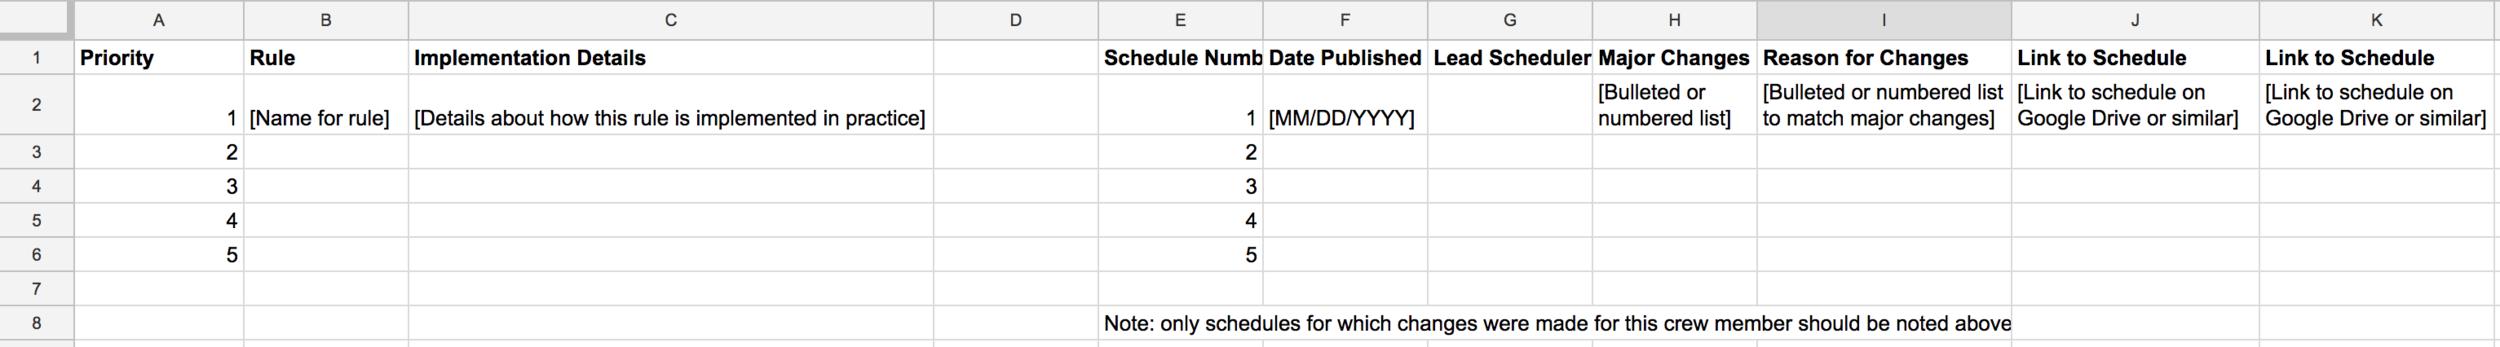 individual-crew-member-rules-spreadsheet-screenshot